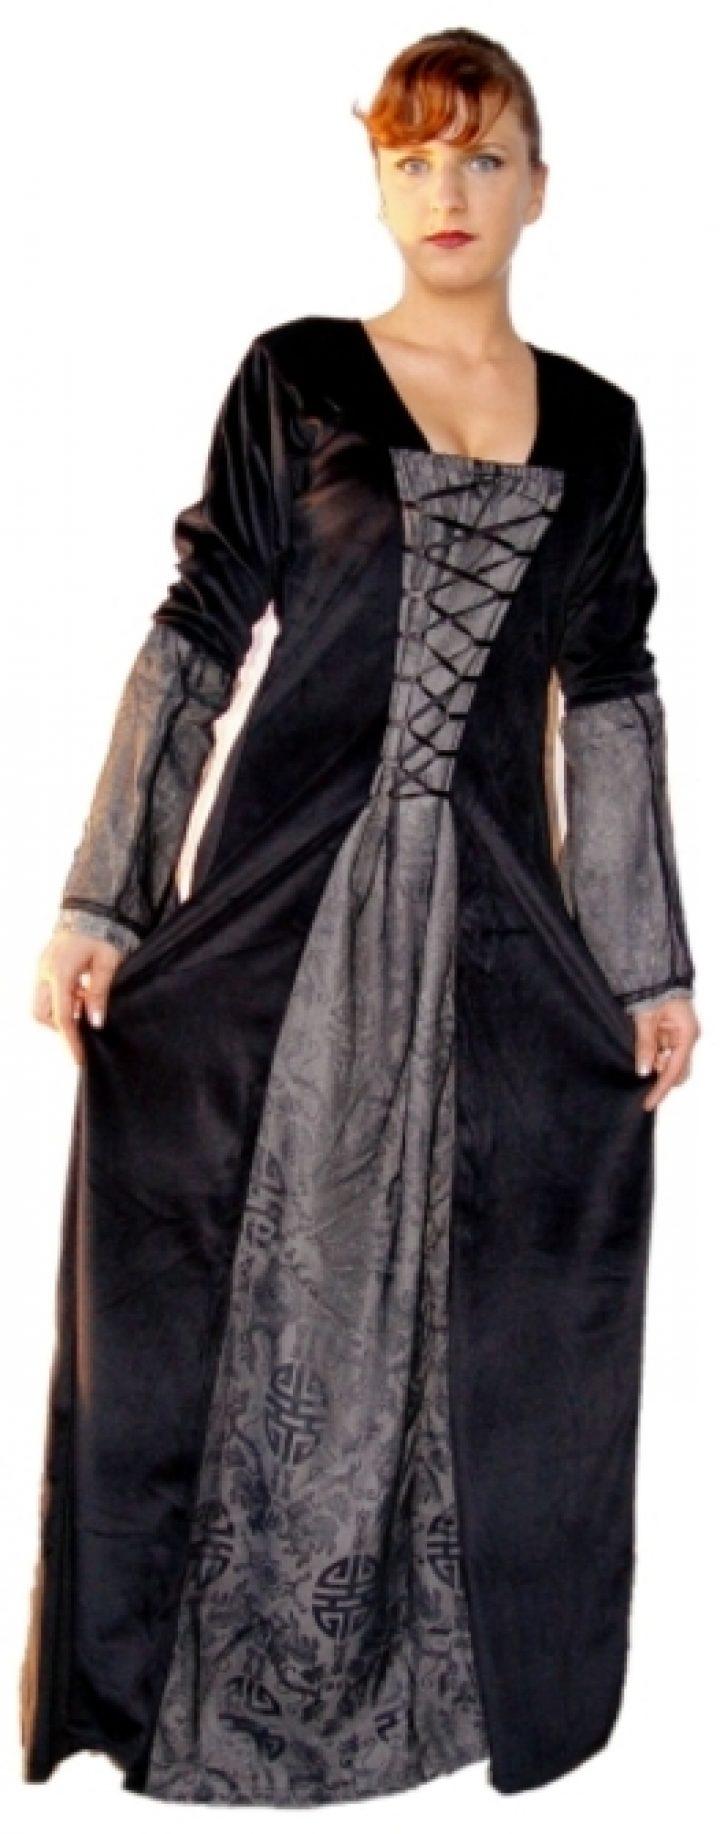 Mittelalter Kleid Schwartz-Anthrazit